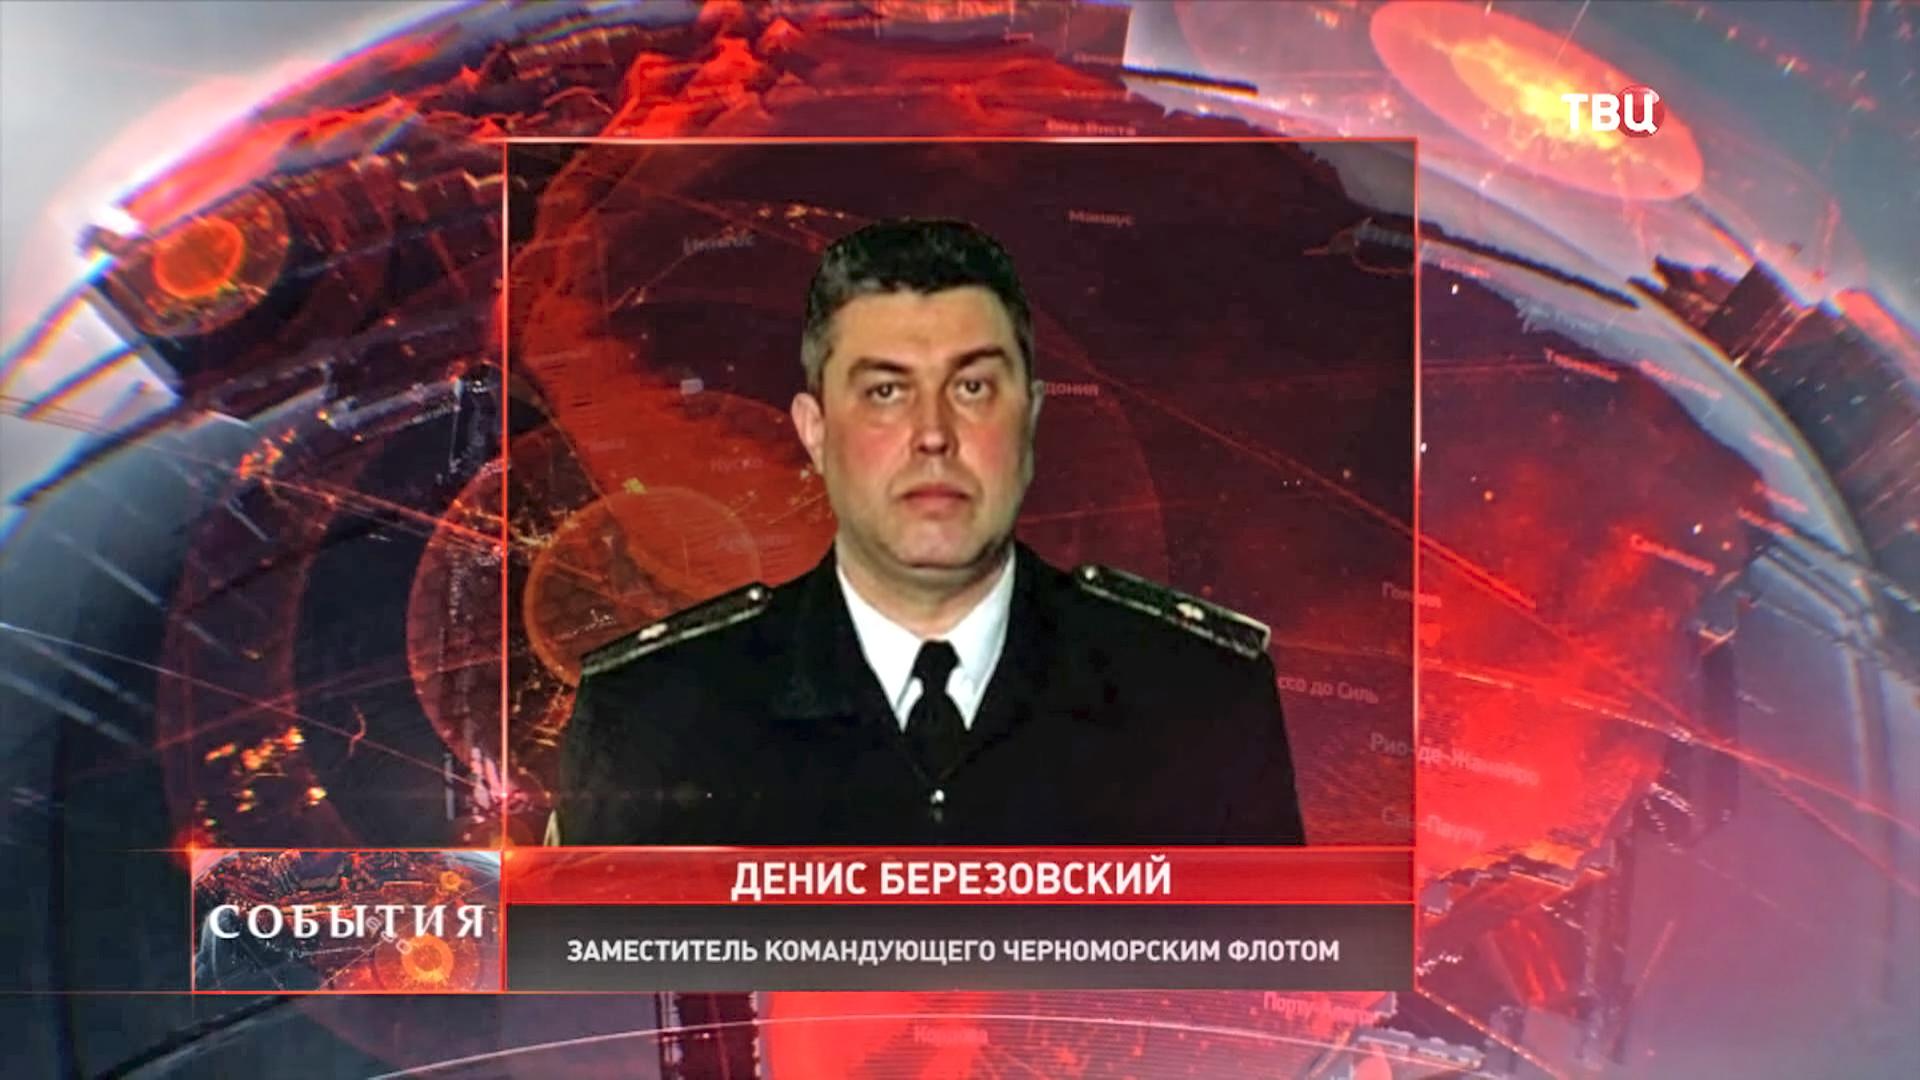 Денис Березовский, заместитель командующего Черноморским флотом